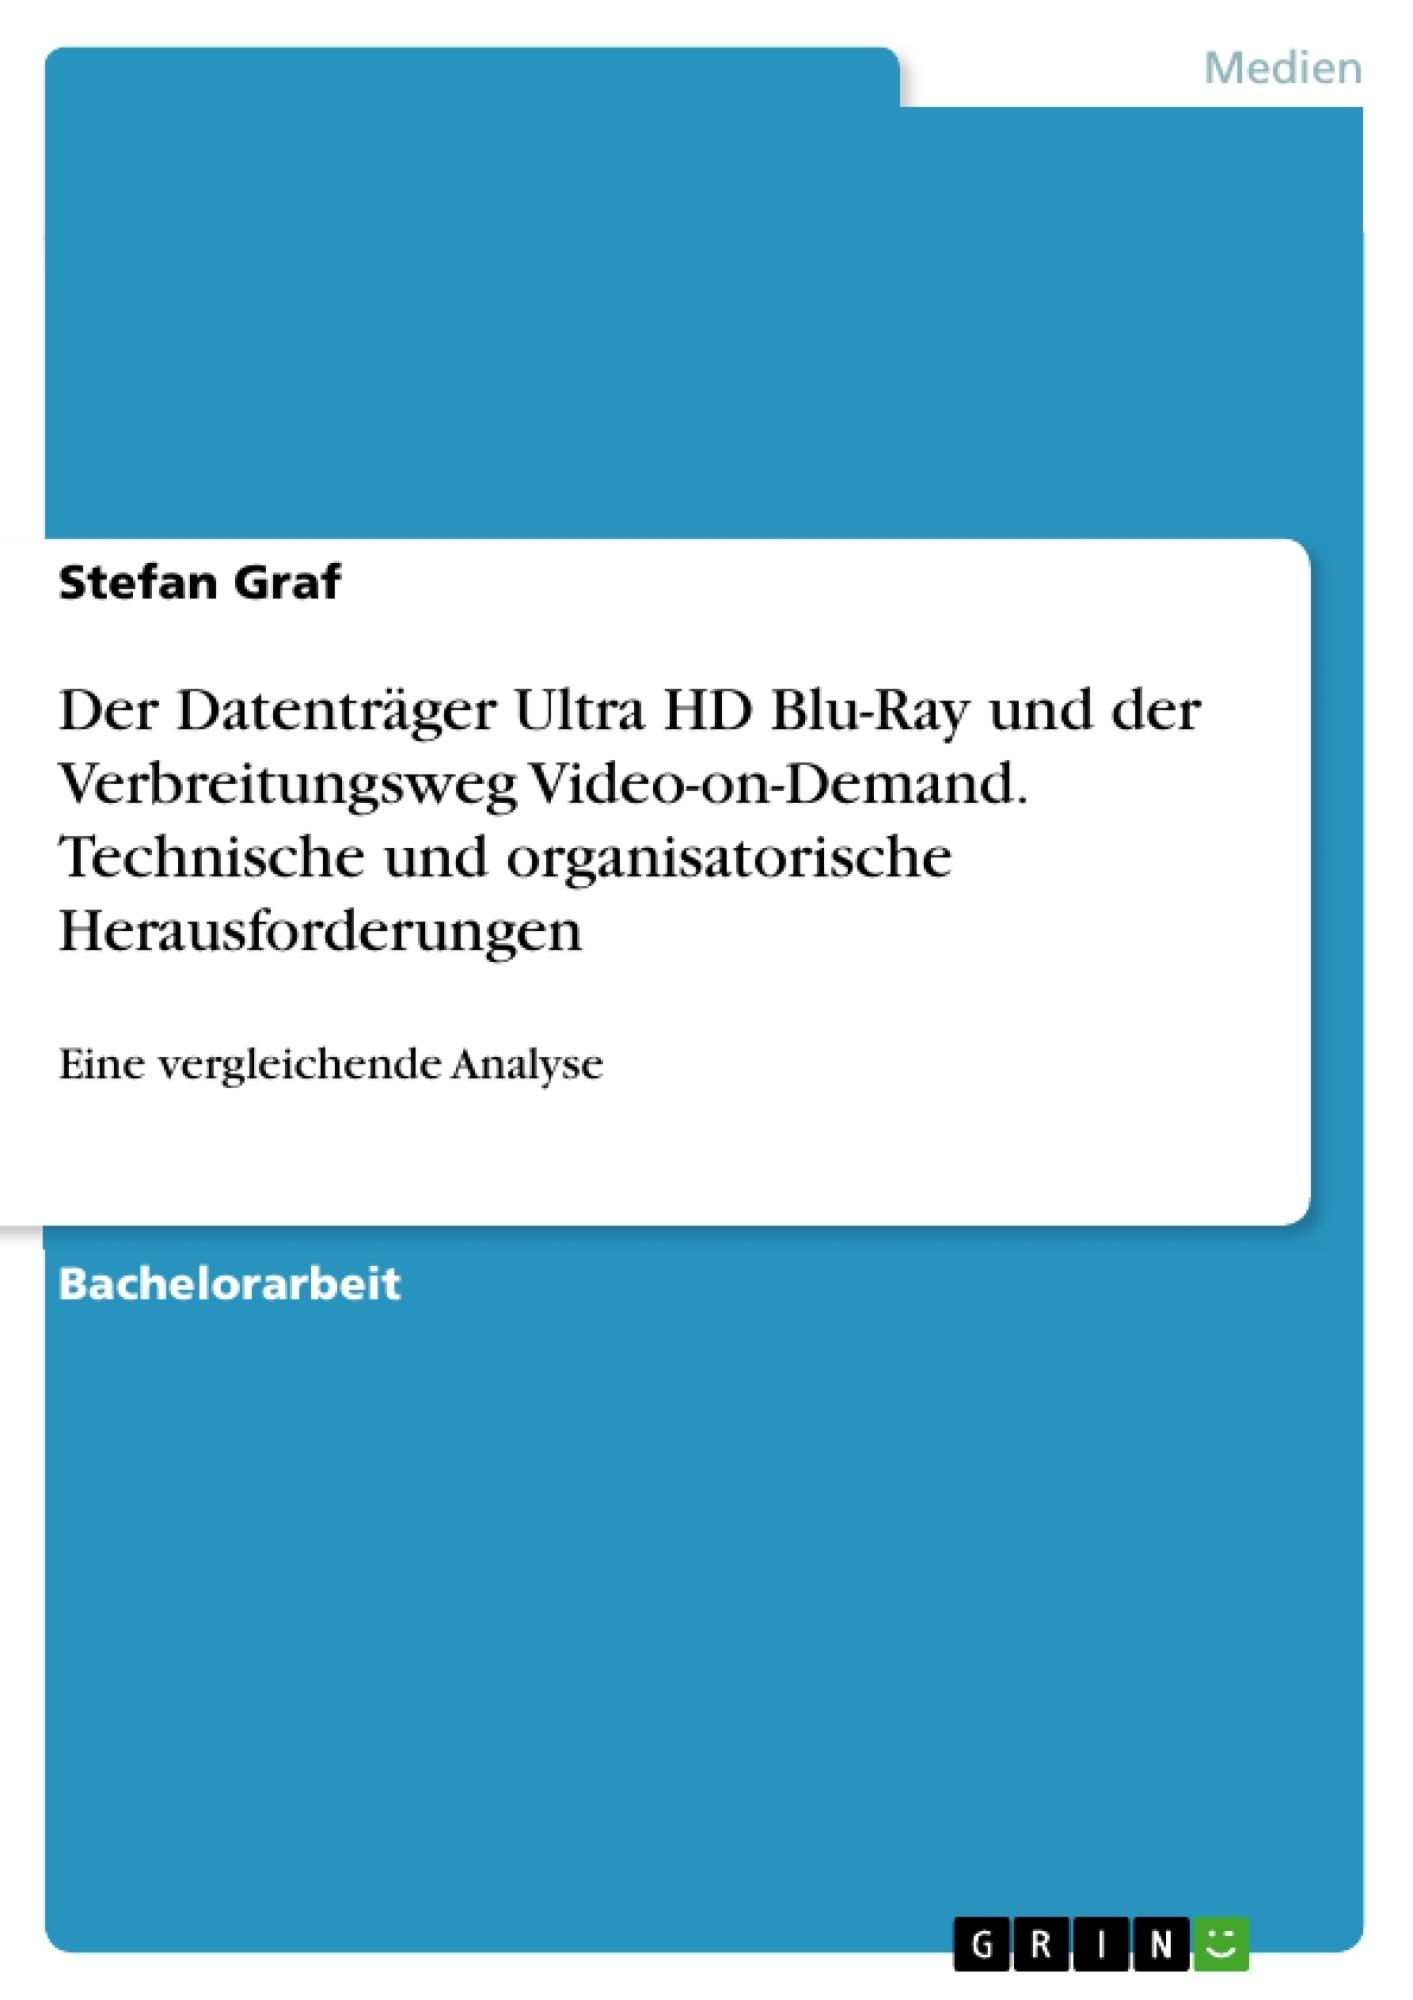 Titel: Der Datenträger Ultra HD Blu-Ray und der Verbreitungsweg Video-on-Demand. Technische und organisatorische Herausforderungen